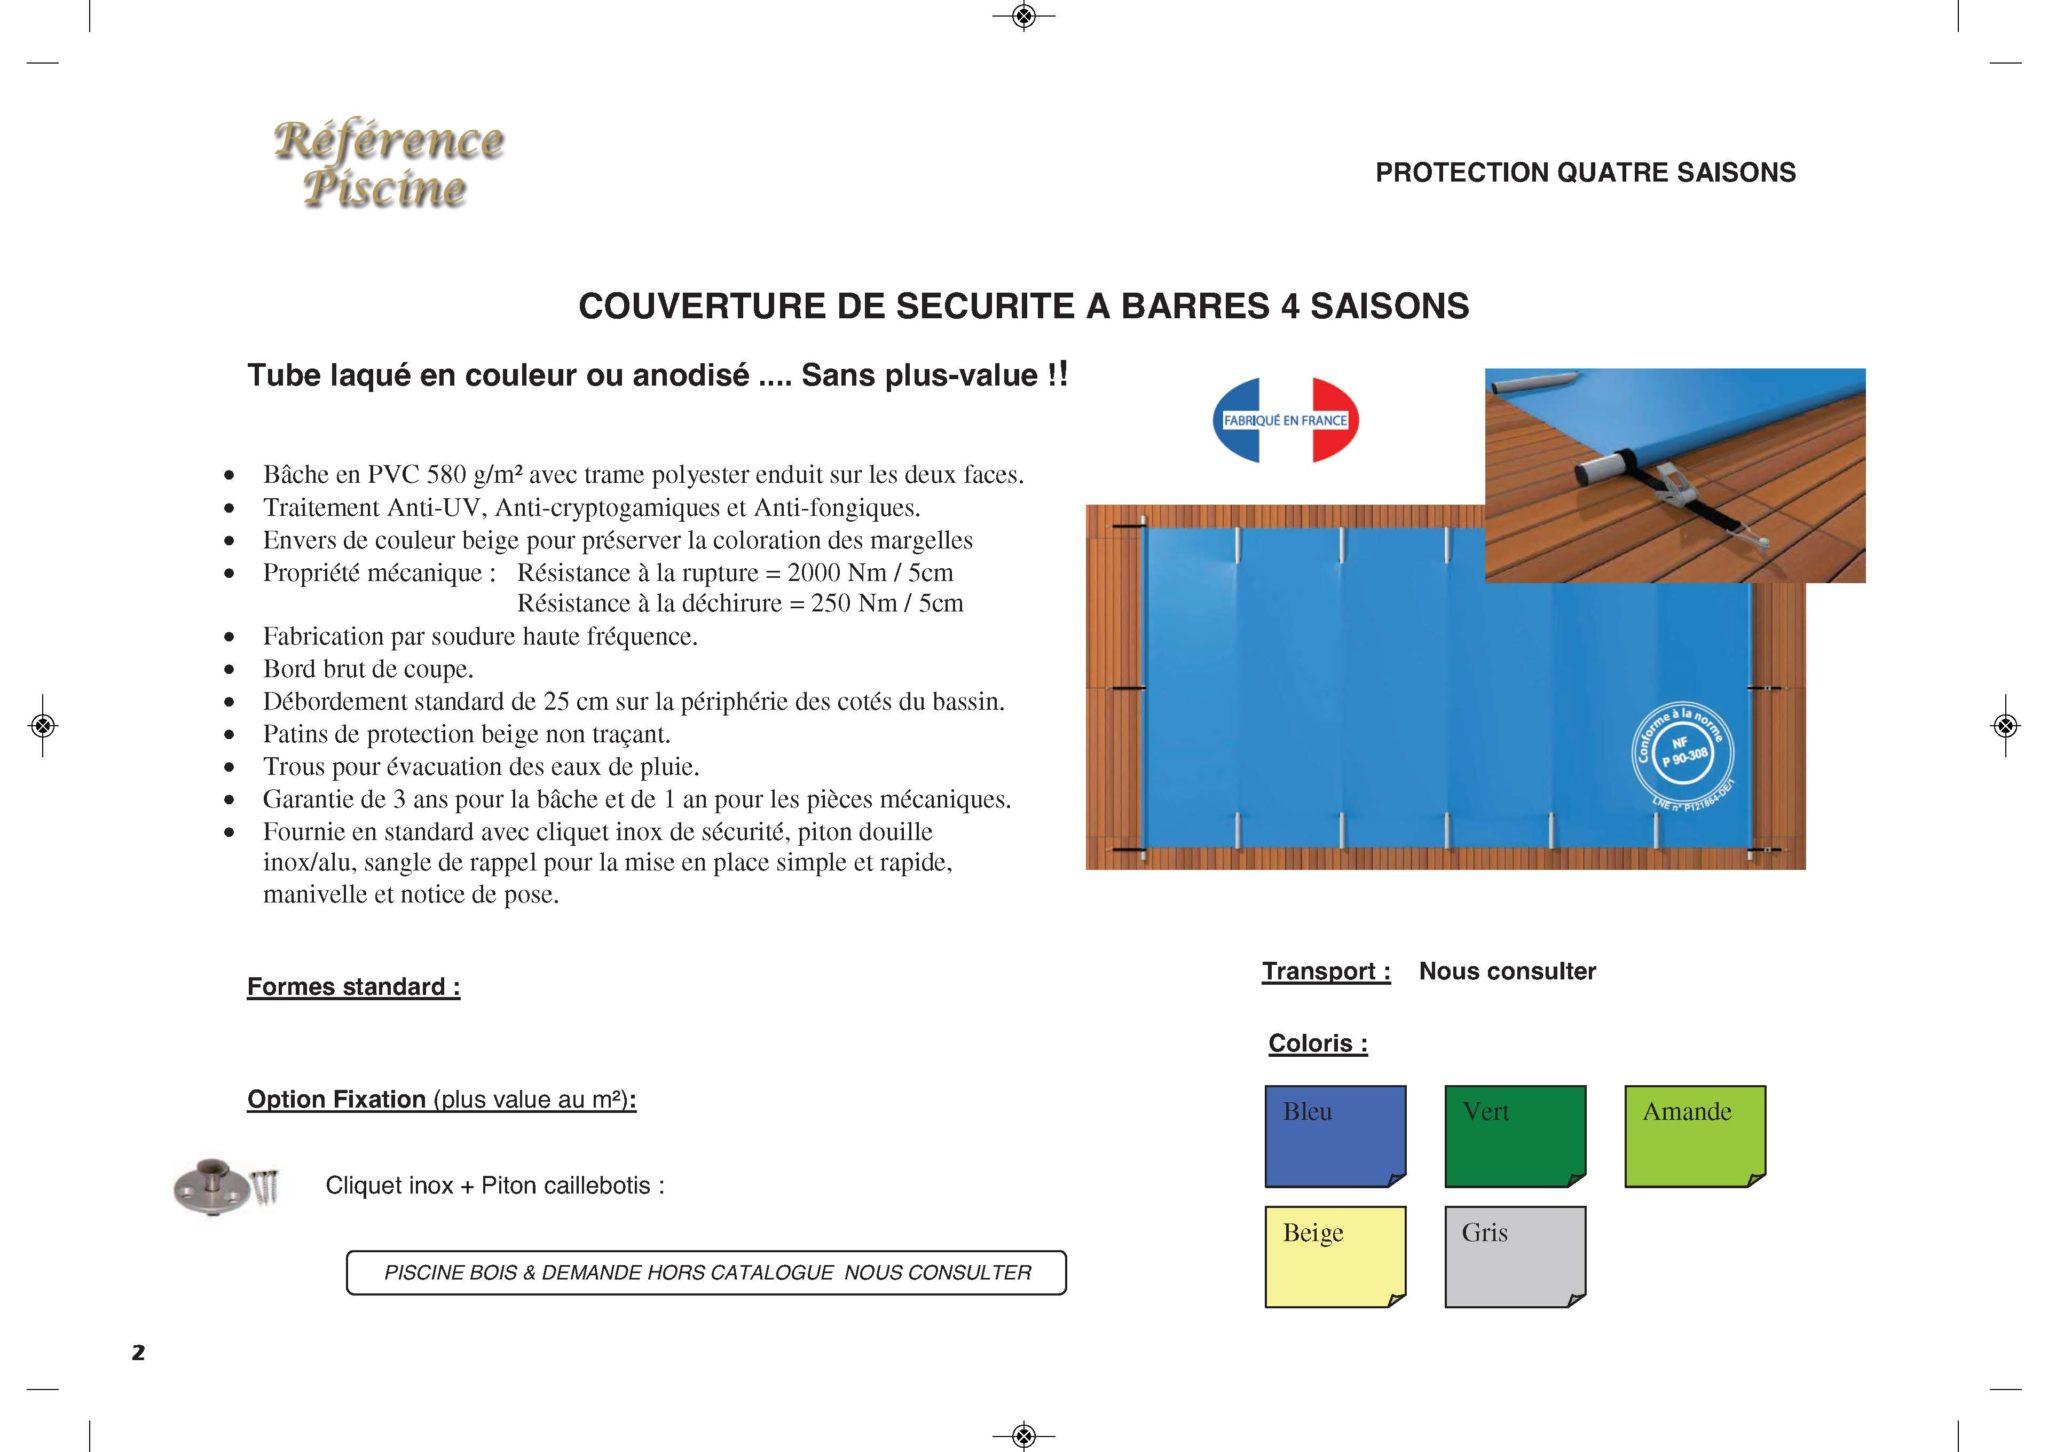 les dispositifs de s curit pour prot ger votre piscine. Black Bedroom Furniture Sets. Home Design Ideas